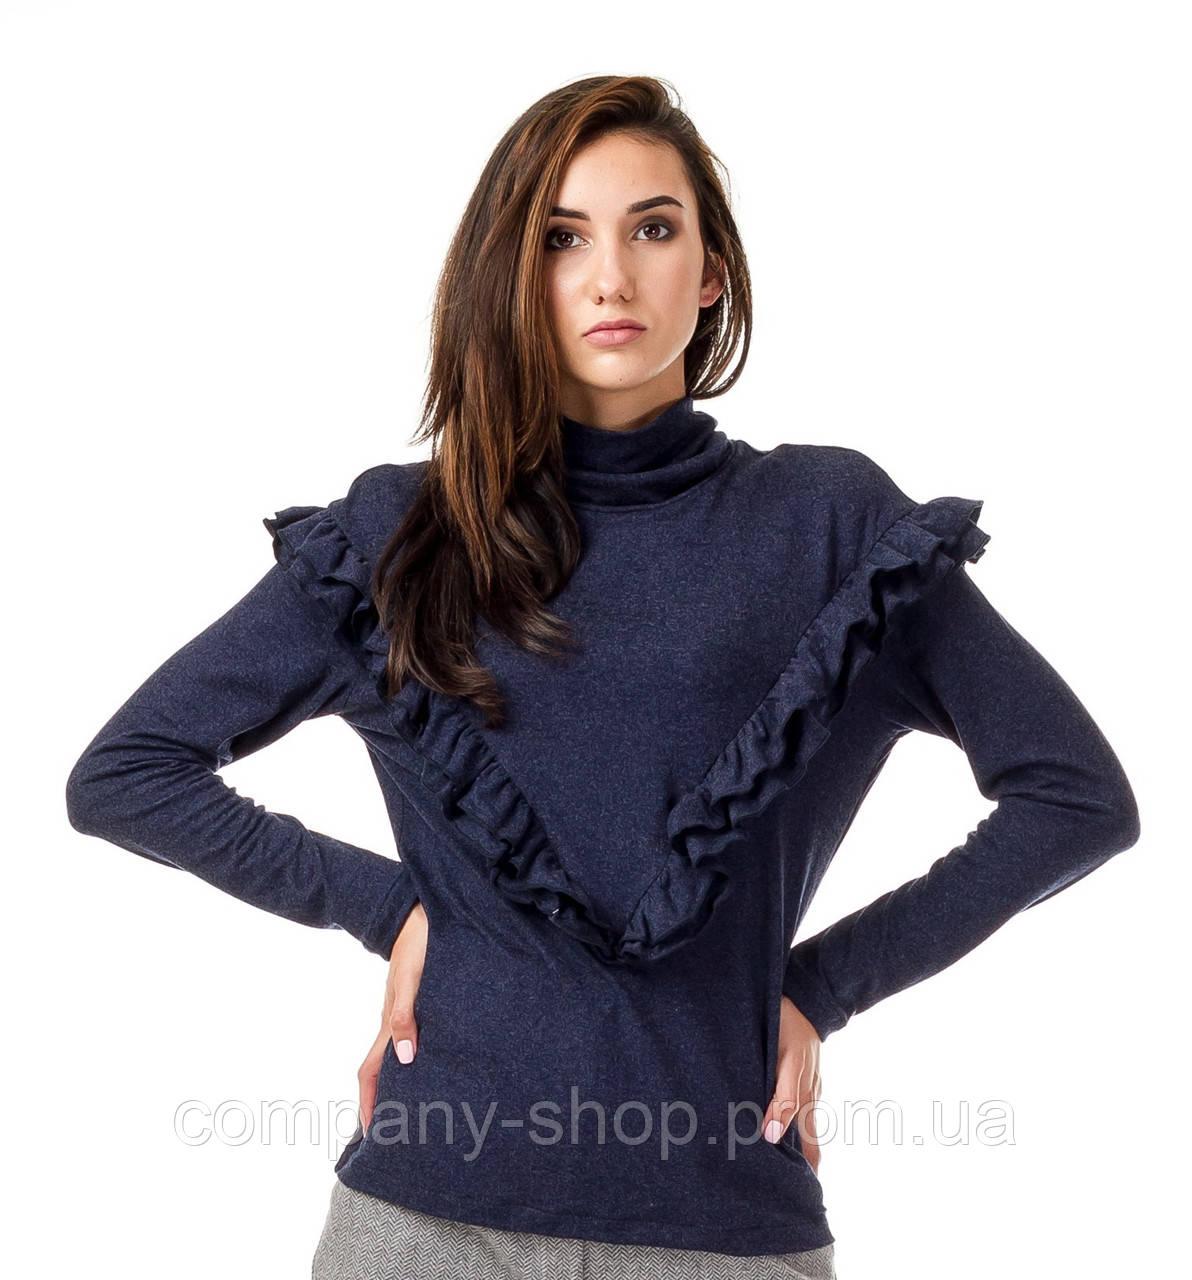 Женский джемпер с высоким воротником и рюшами. Модель К082_синий поливискон.